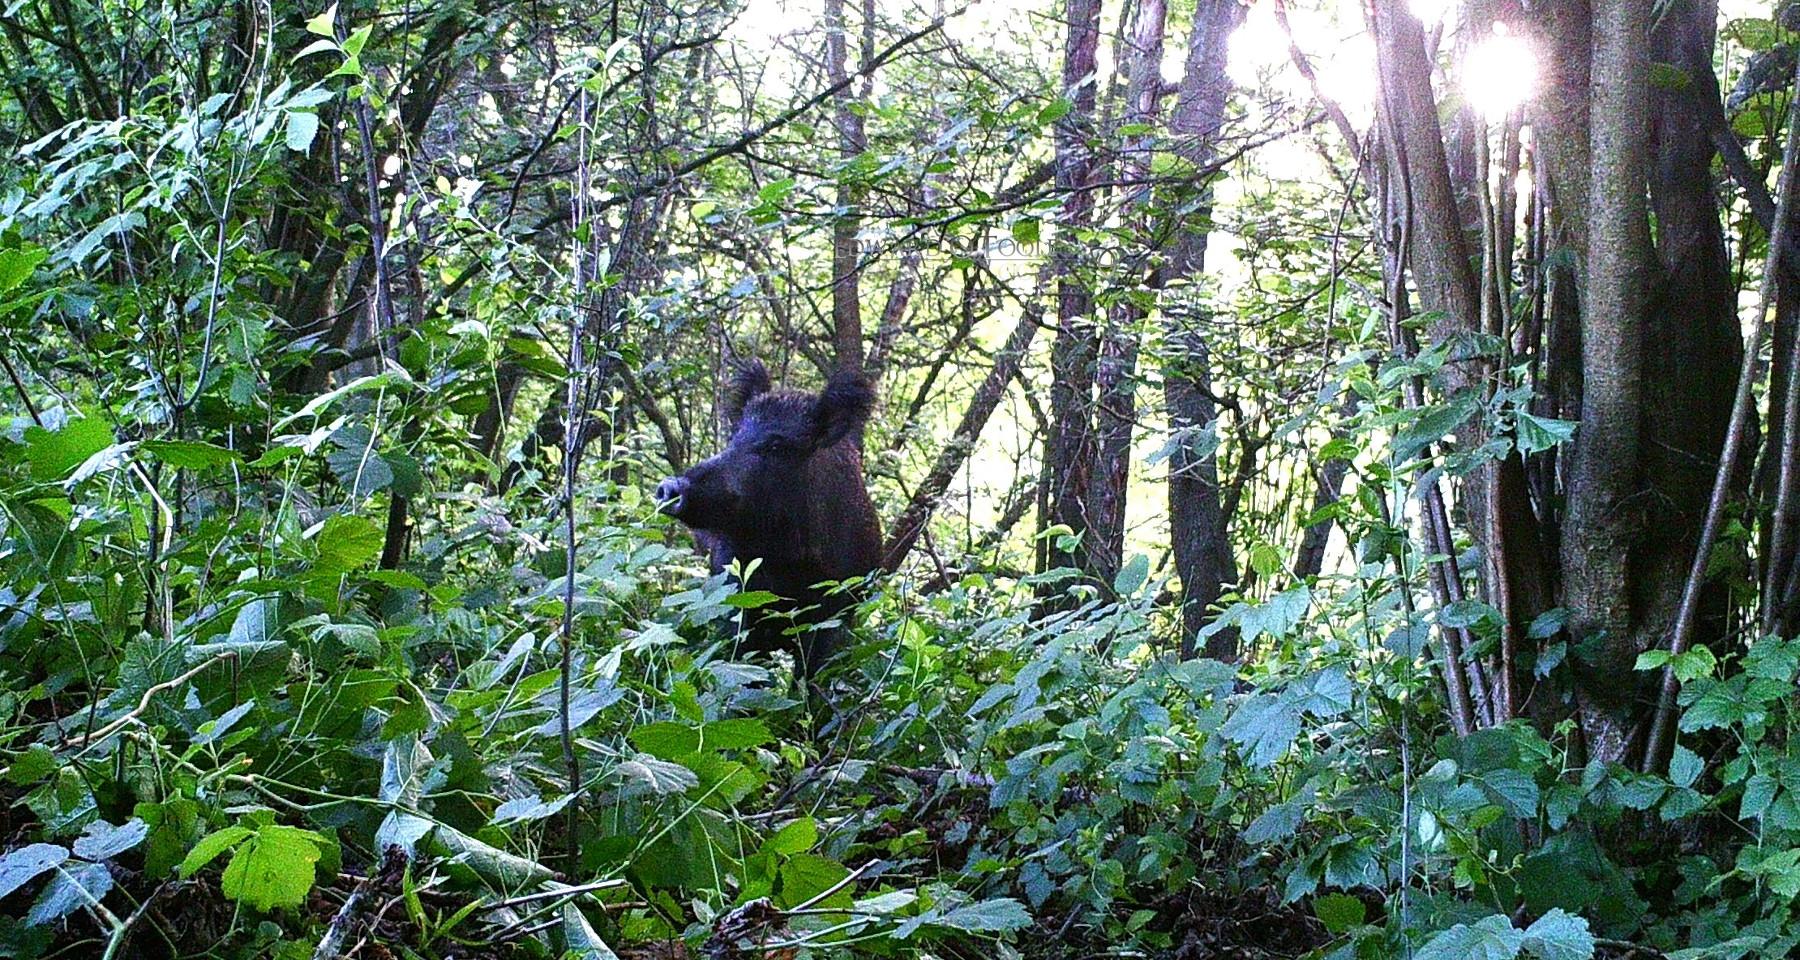 boar carpathian forest